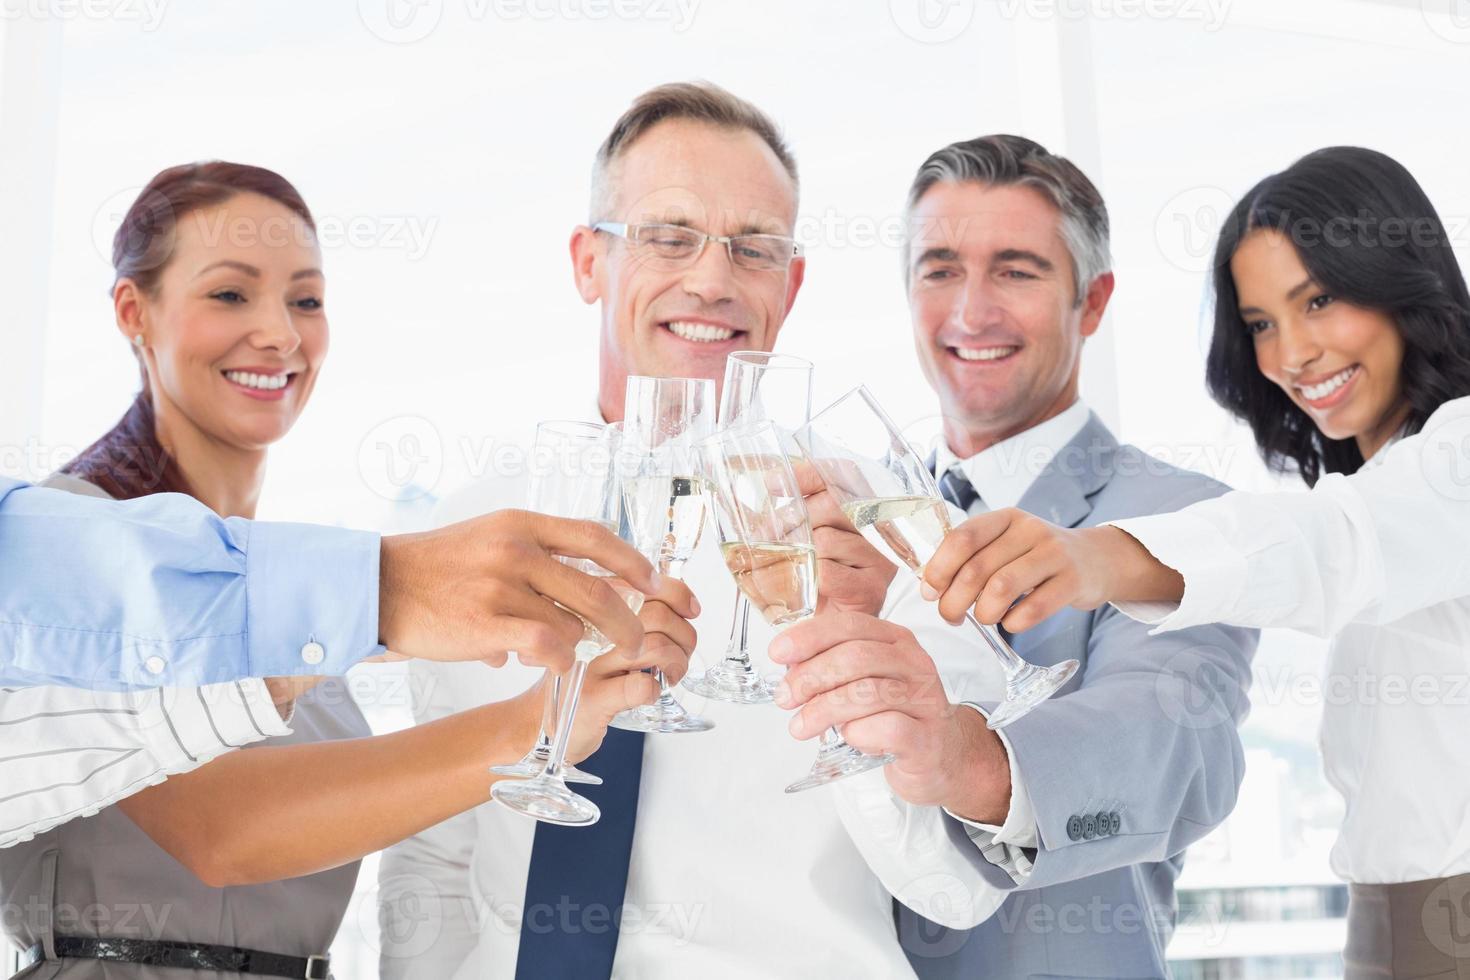 trabalhadores de negócios, uma festa foto